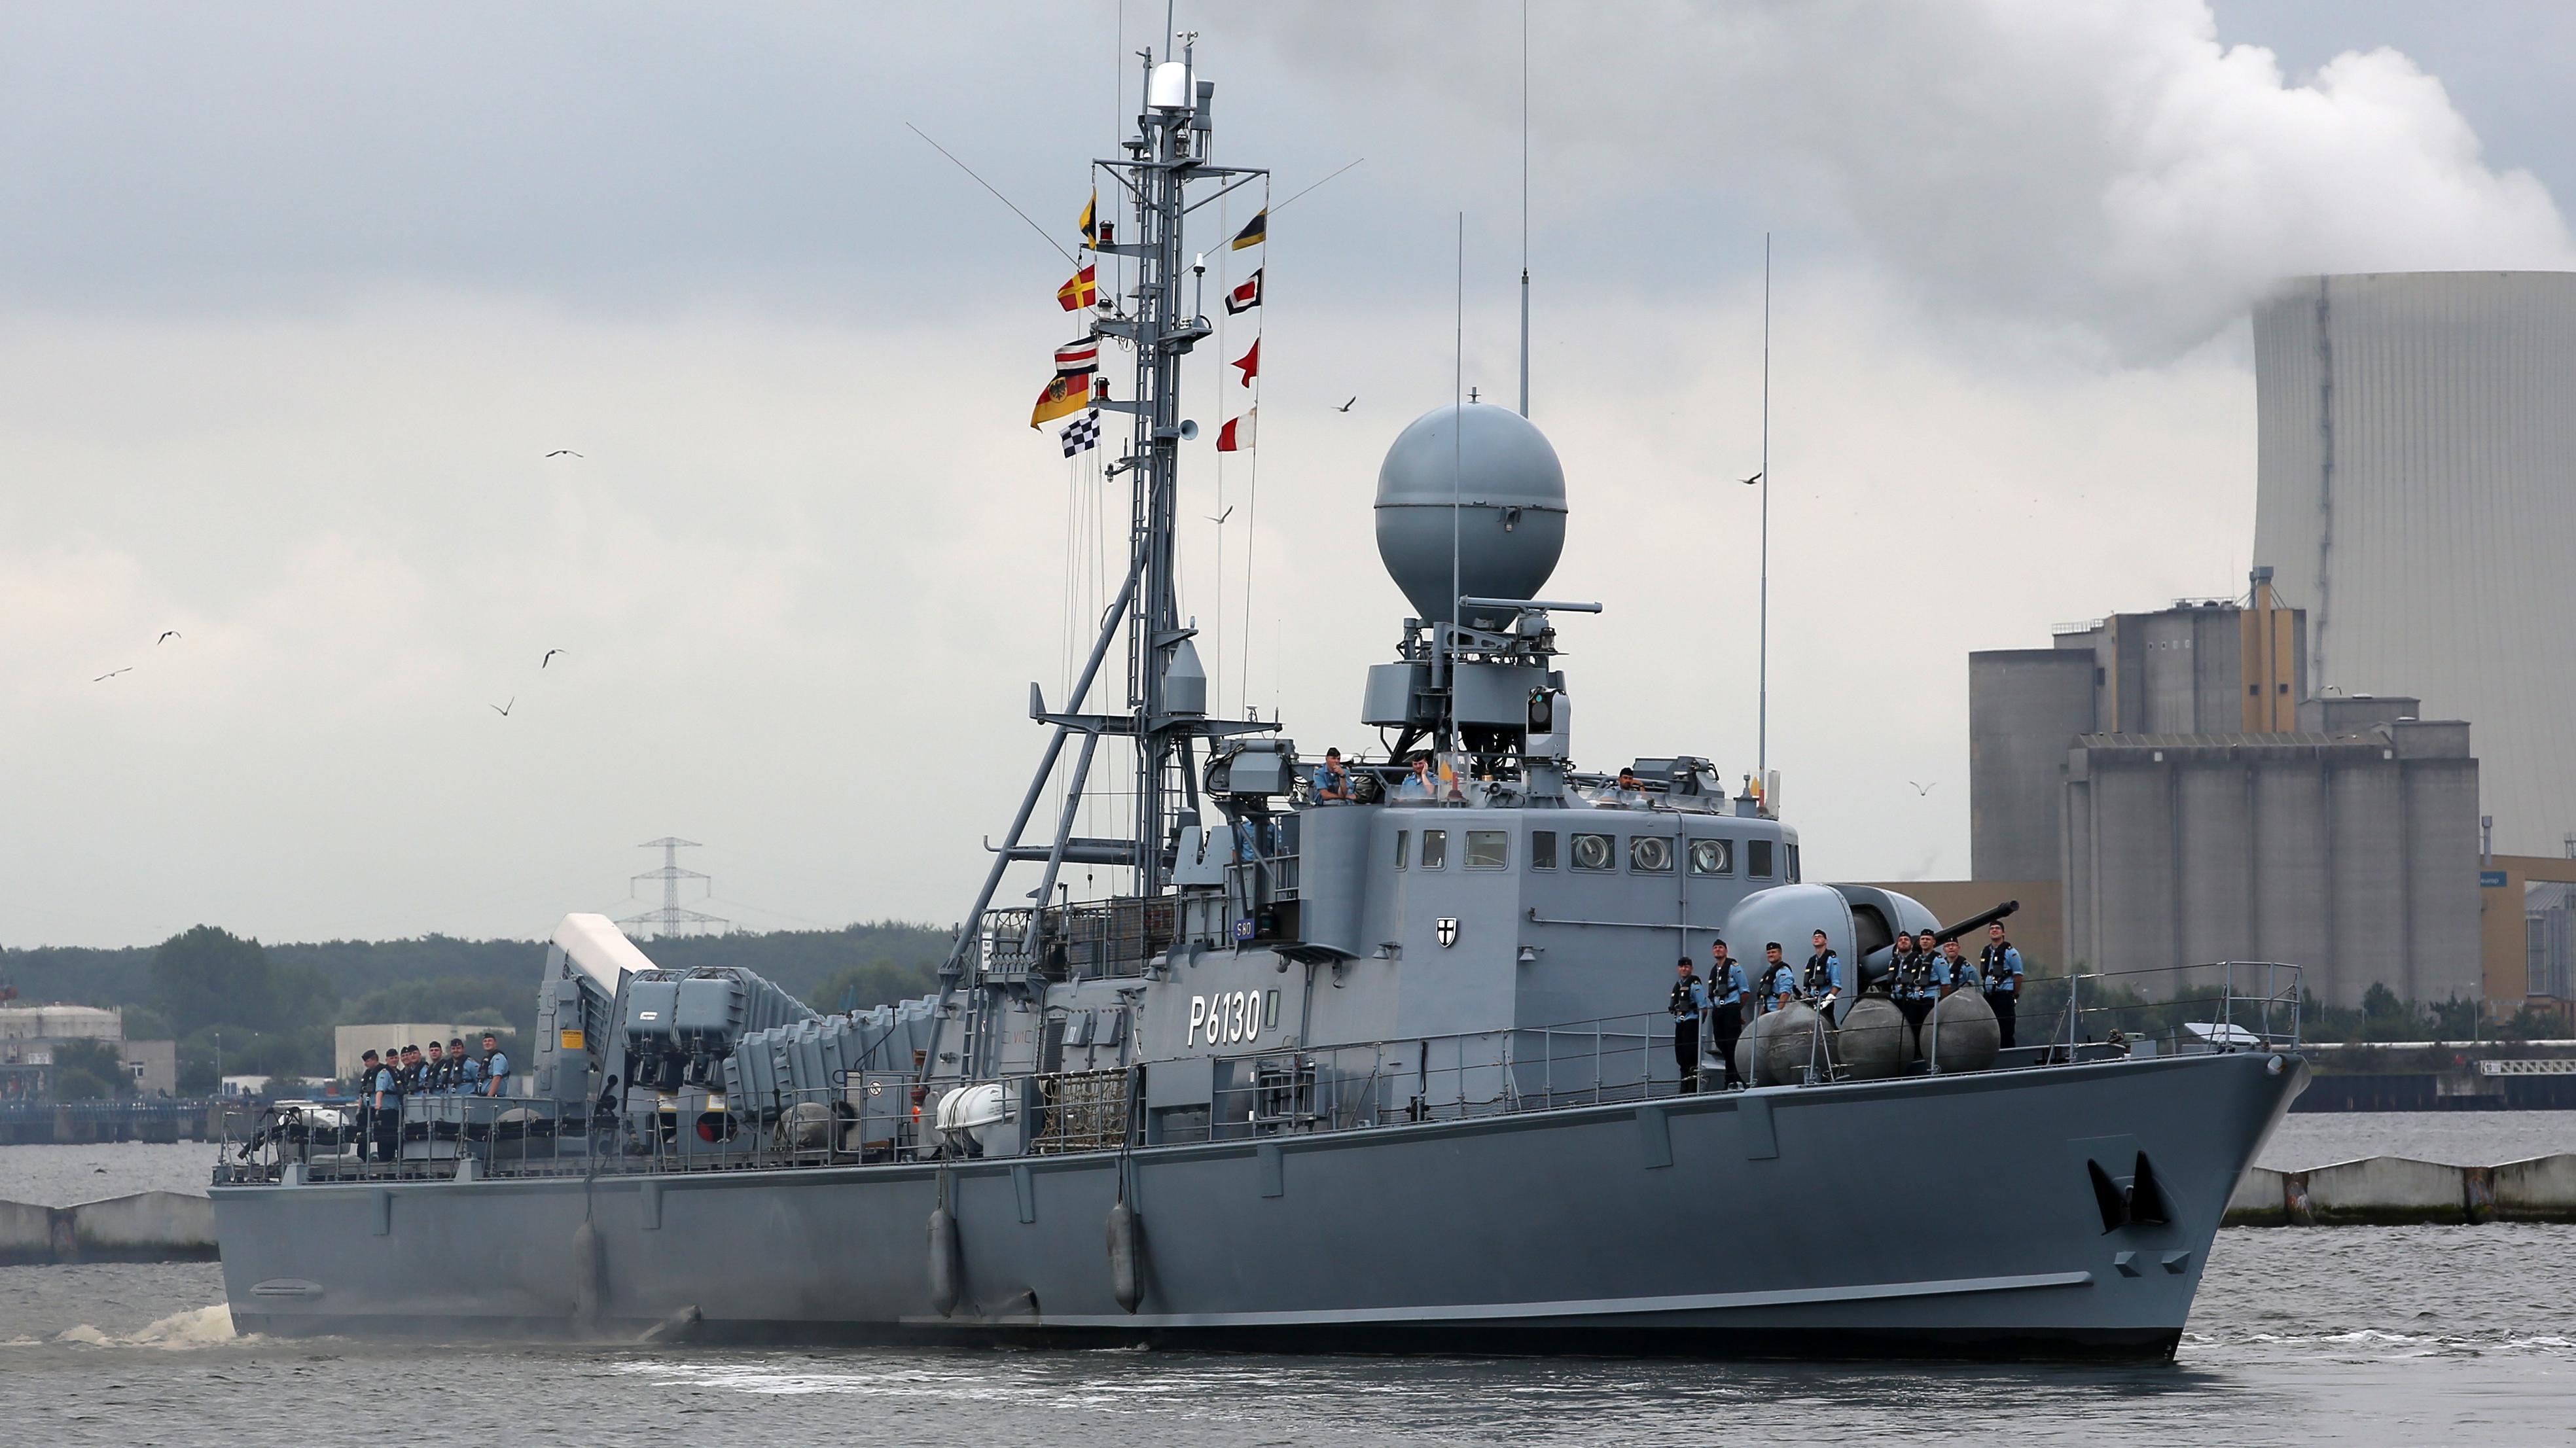 """Das Schnellboot """"Hyäne"""" nimmt 2015 an dem UNIFIL-Einsatz gegen Waffenschmuggel teil und löst die """"Erfurt"""" ab, die in der EU-Mission """"Atalanta"""" vor Somalia gebraucht wird."""